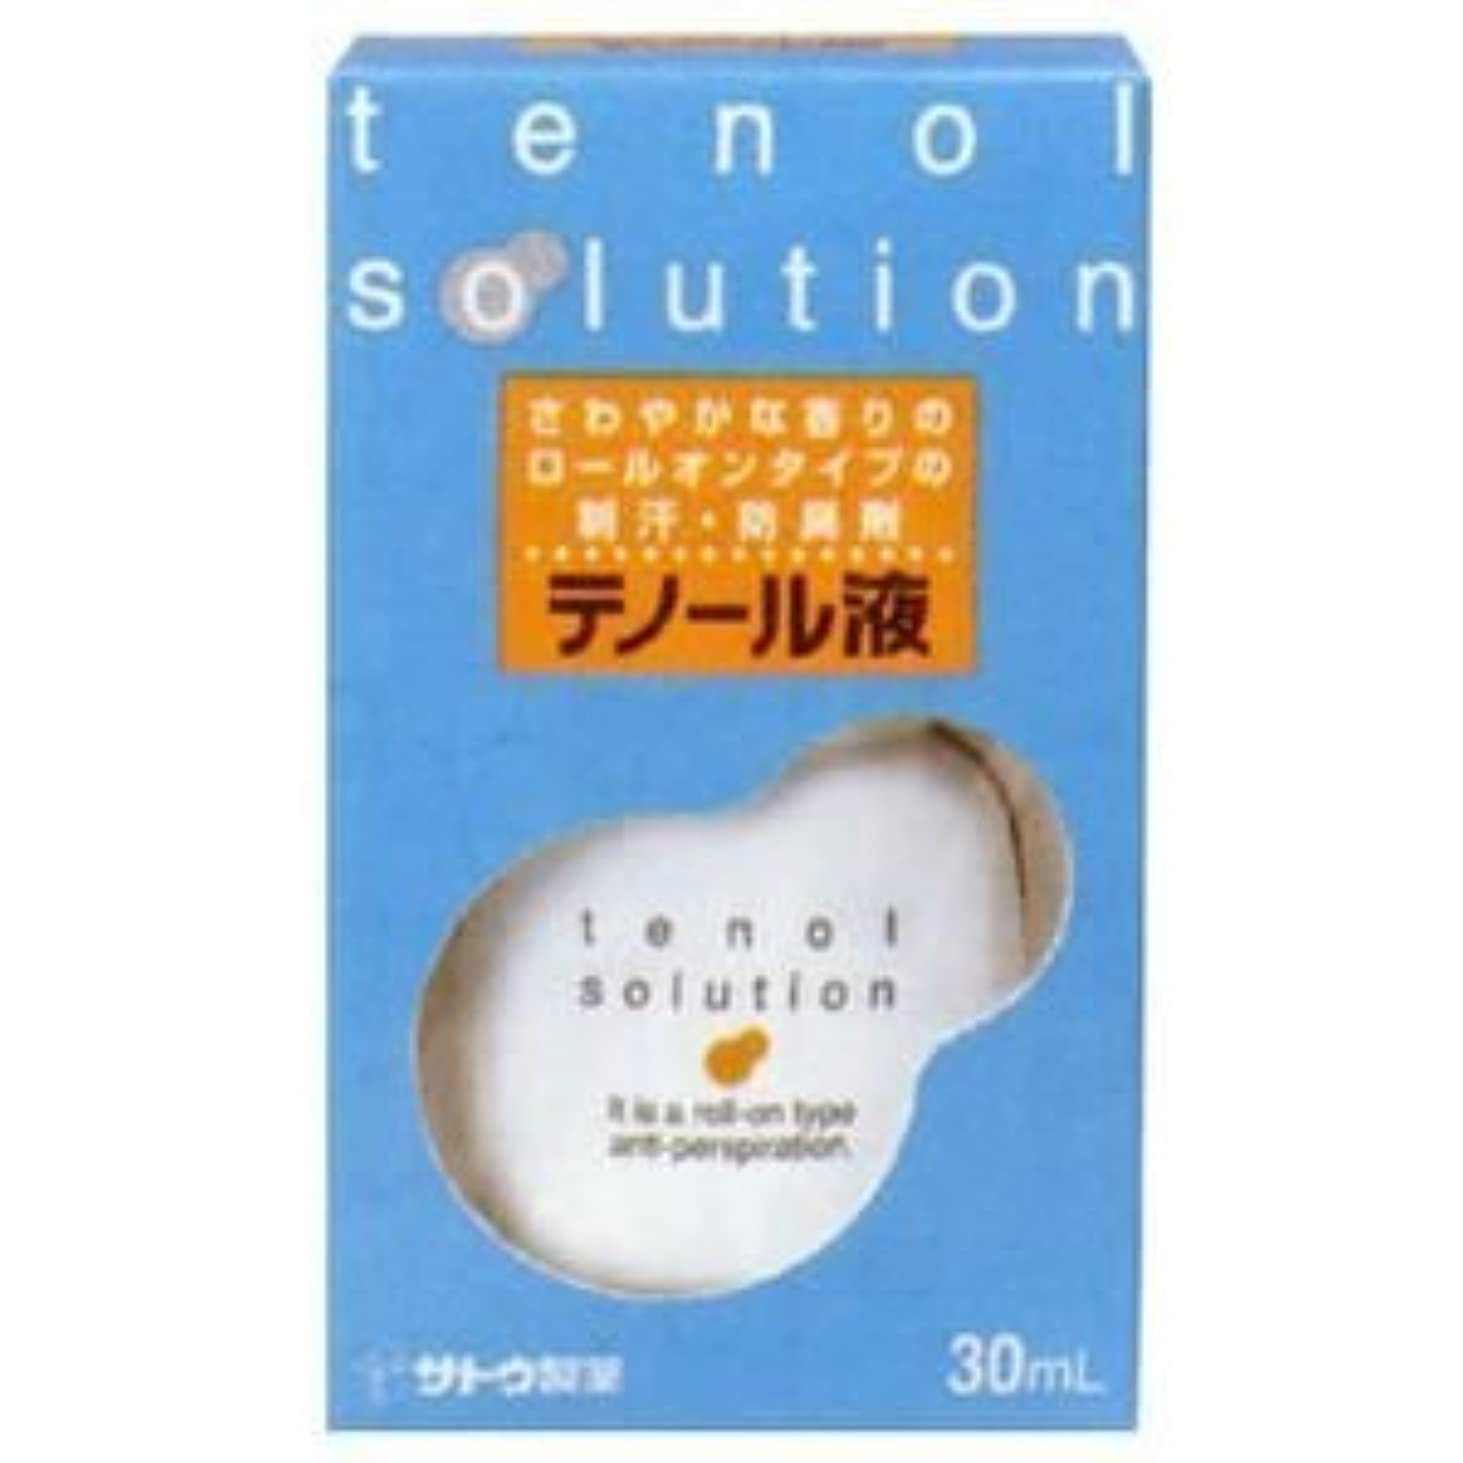 無効にするサークル楽な佐藤製薬 テノール液(30ml)×2